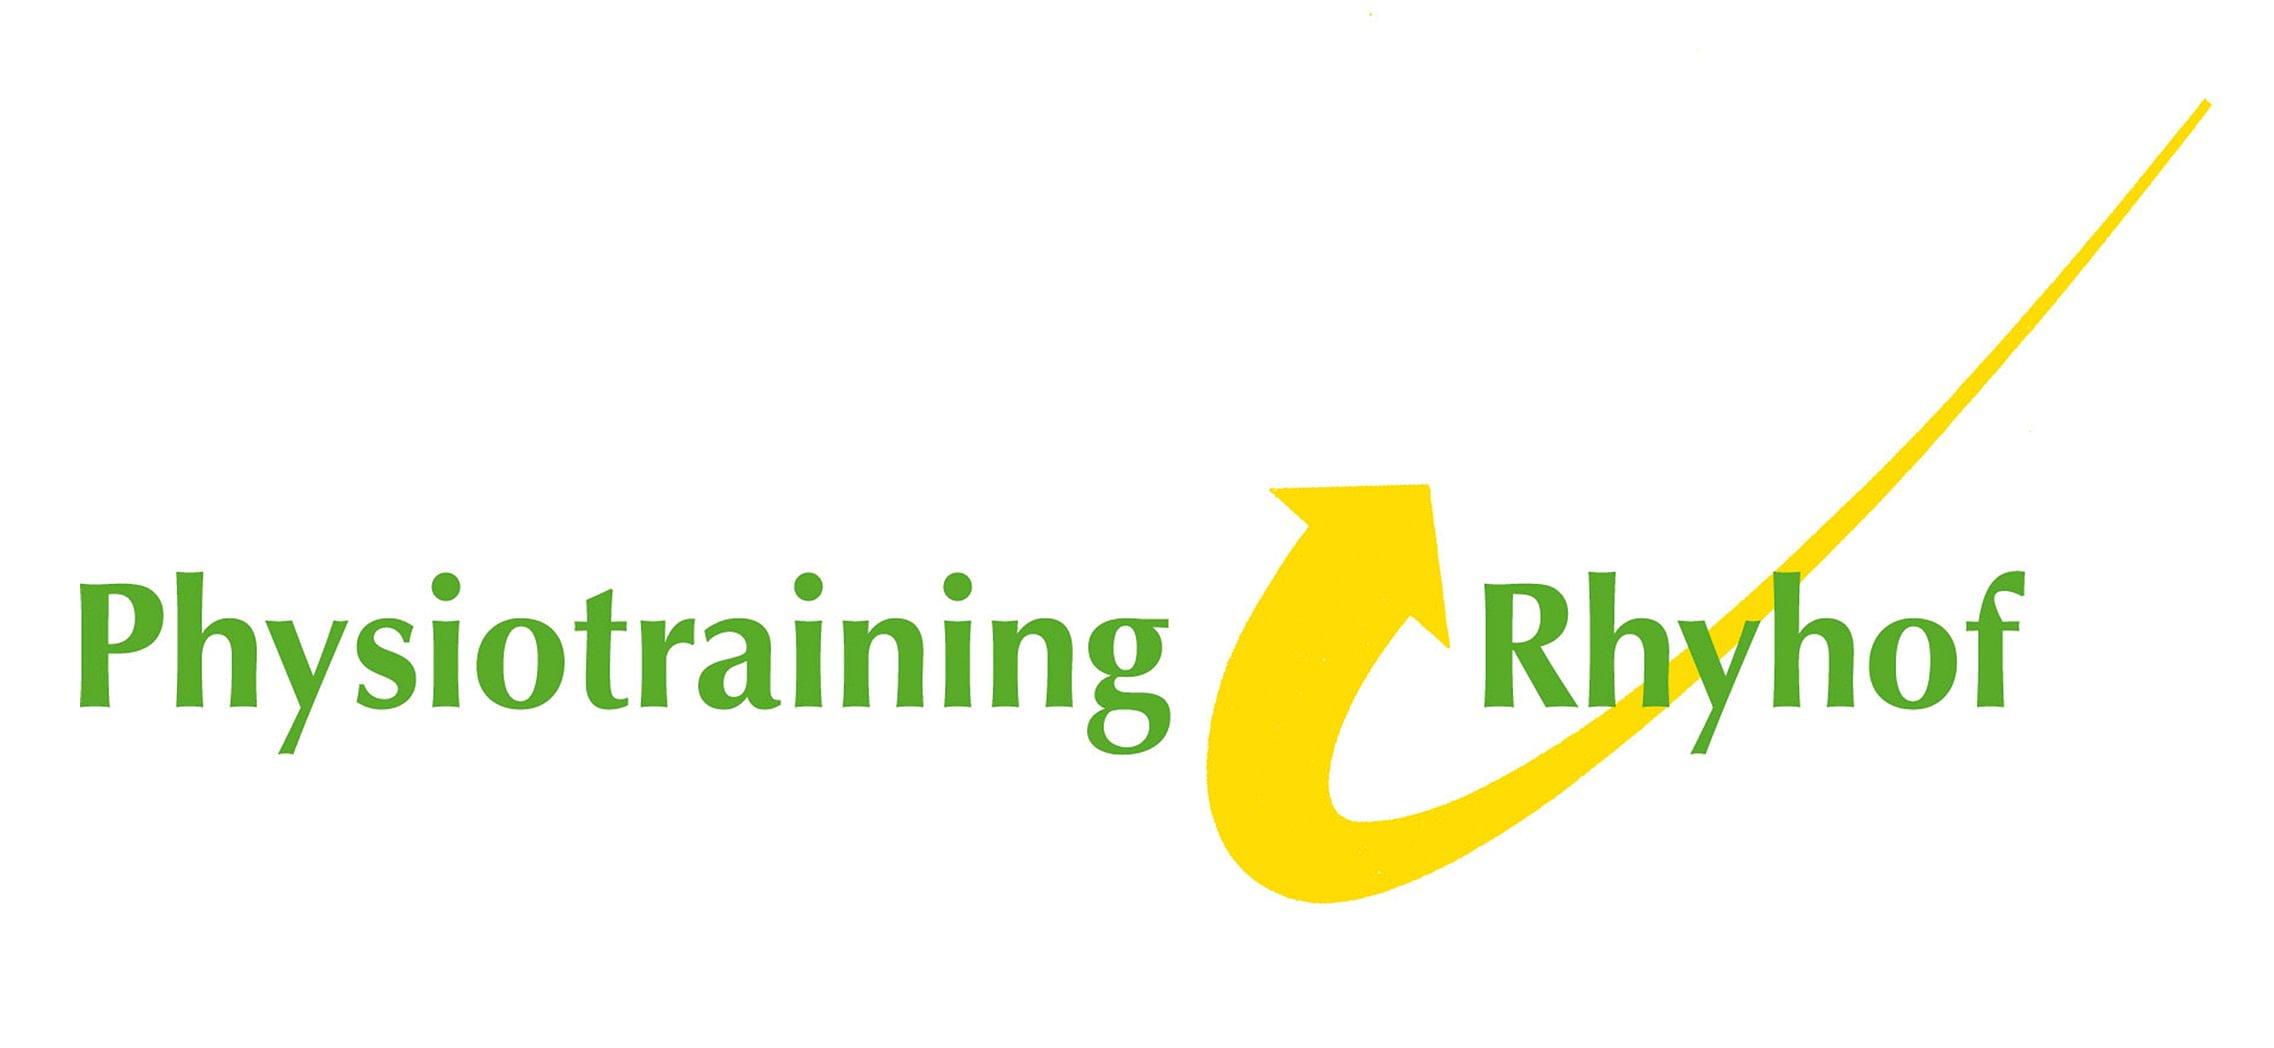 Physiotraining Rhyhof